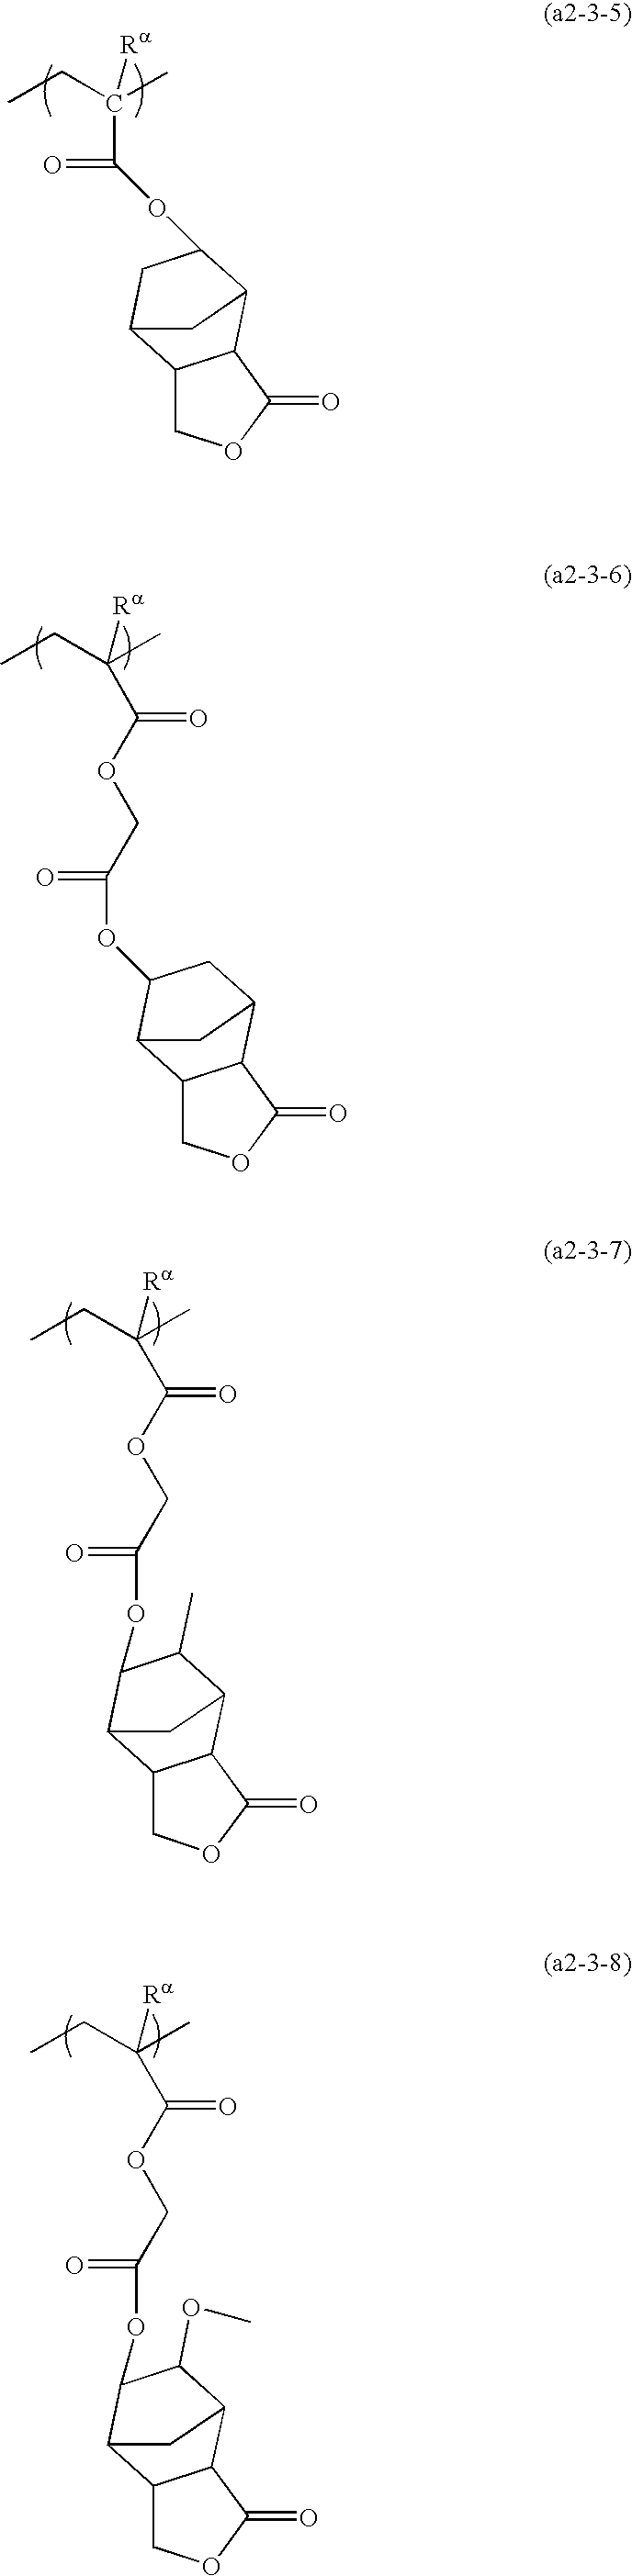 Figure US20100136480A1-20100603-C00064